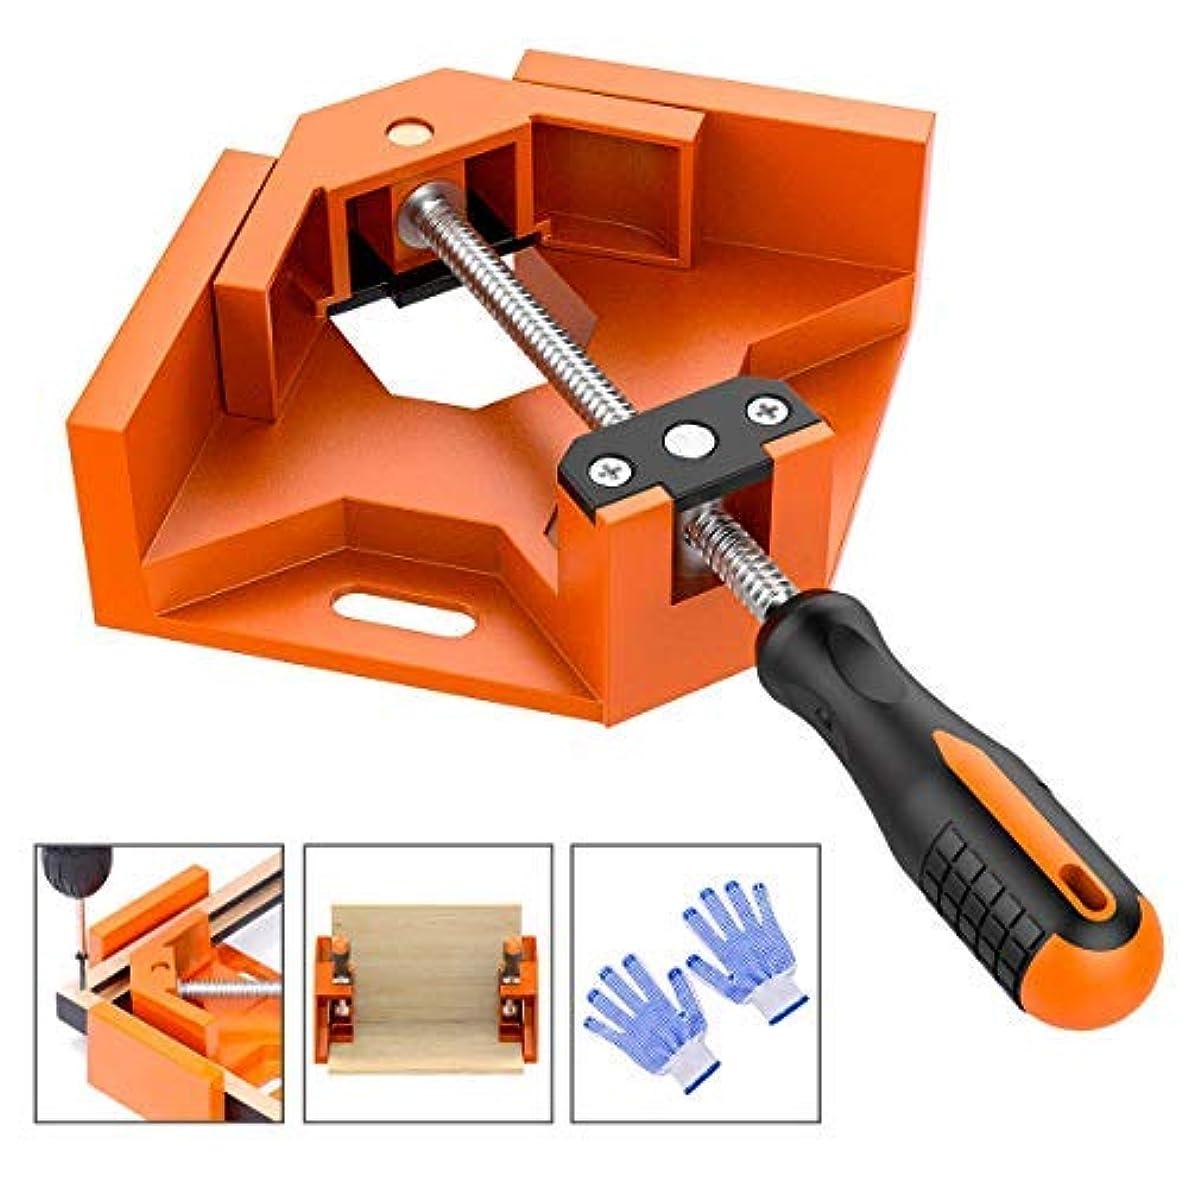 裏切るたらい左Frylr 90° Right Angle Clamps/Adjustable Corner Clamp Holder Tools with Adjustable Swing Jaw for Carpenter, Welding, Wood-working, Engineering, Photo Framing [並行輸入品]